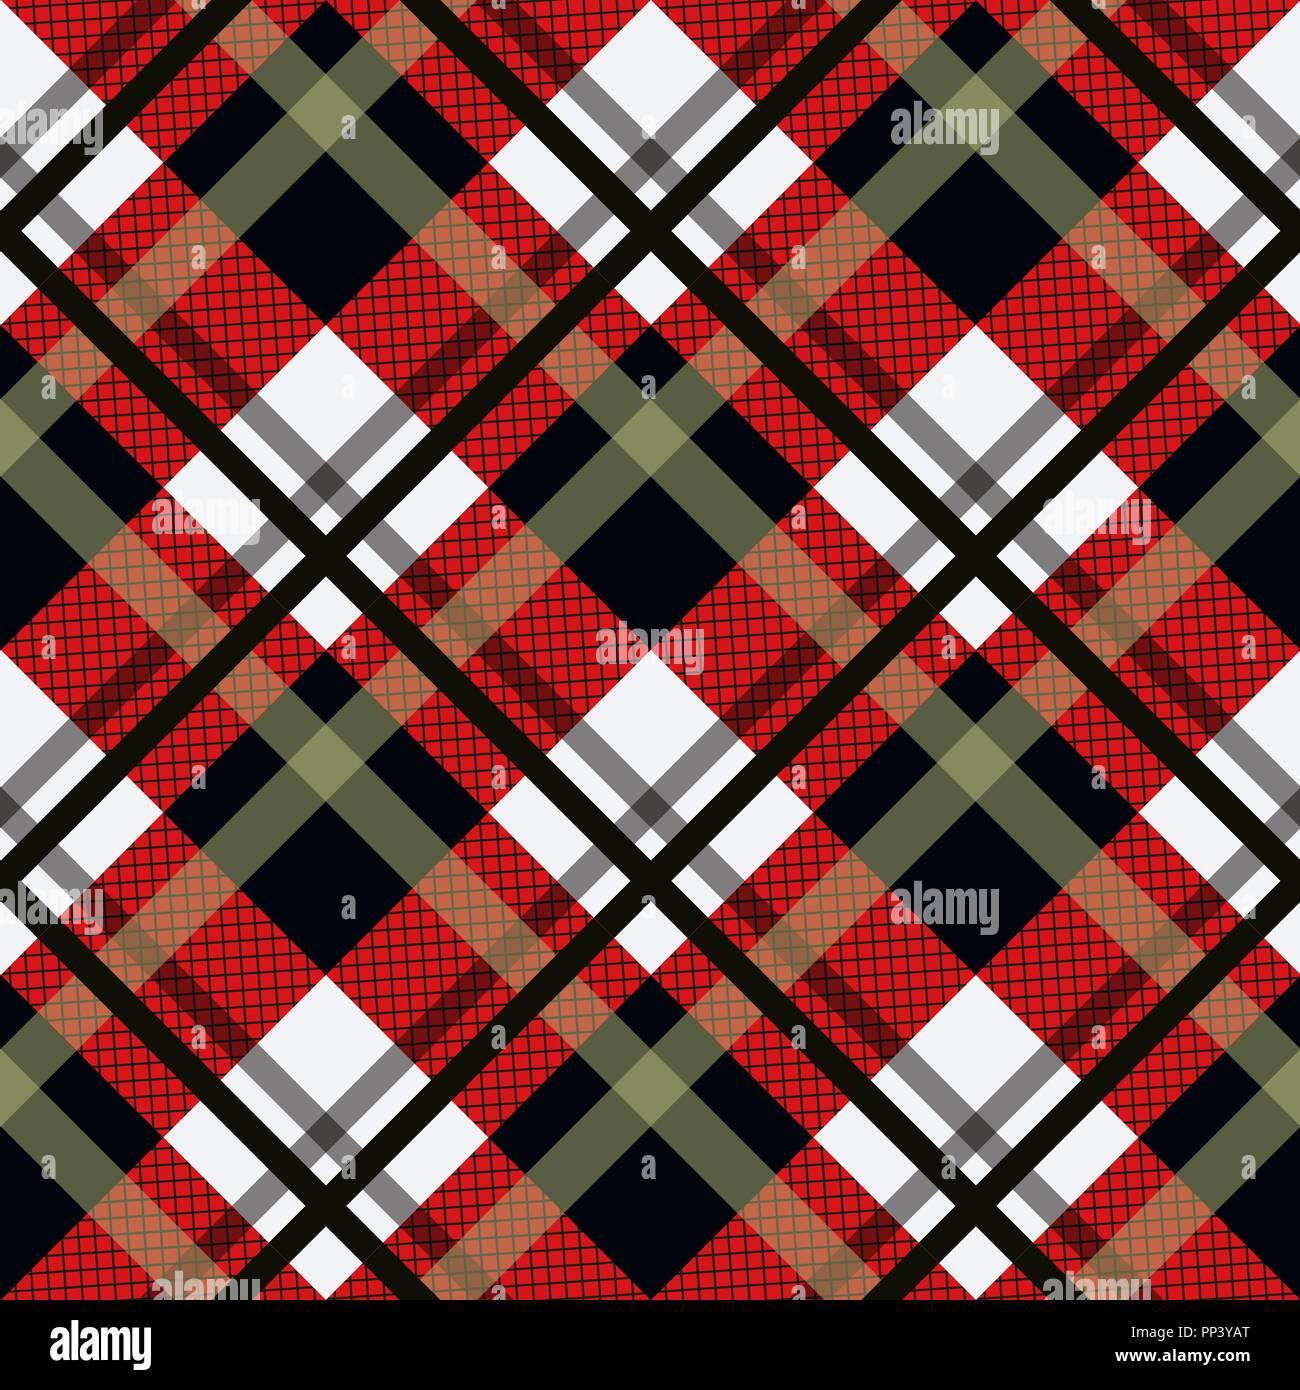 In Tartan Pattern Seamless Sfondo Nero Rosso E Bianco A Quadri